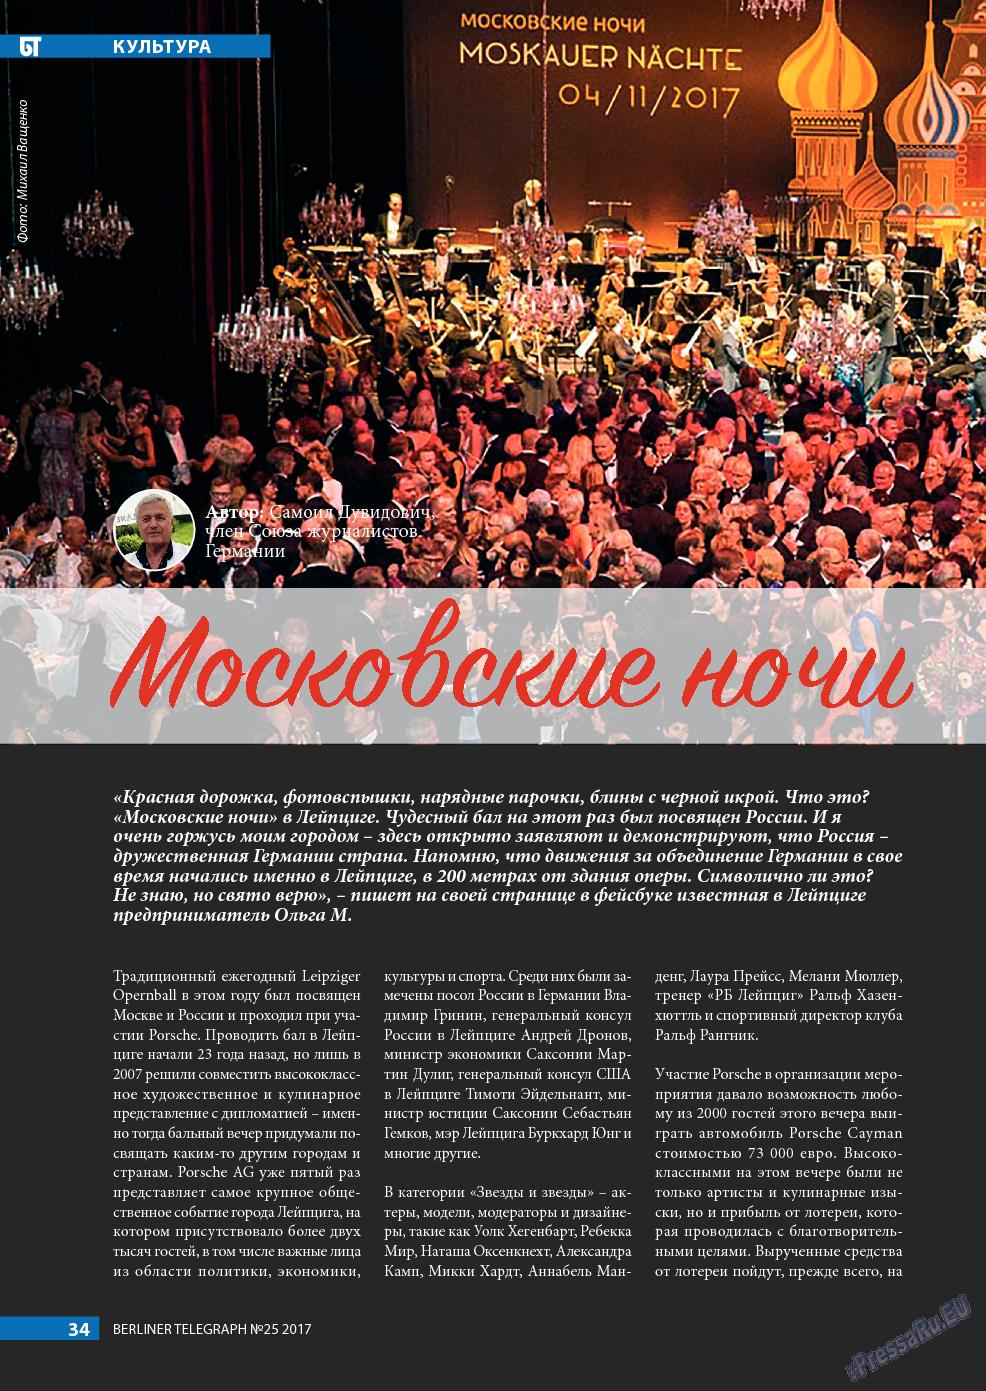 Берлинский телеграф (журнал). 2017 год, номер 25, стр. 34